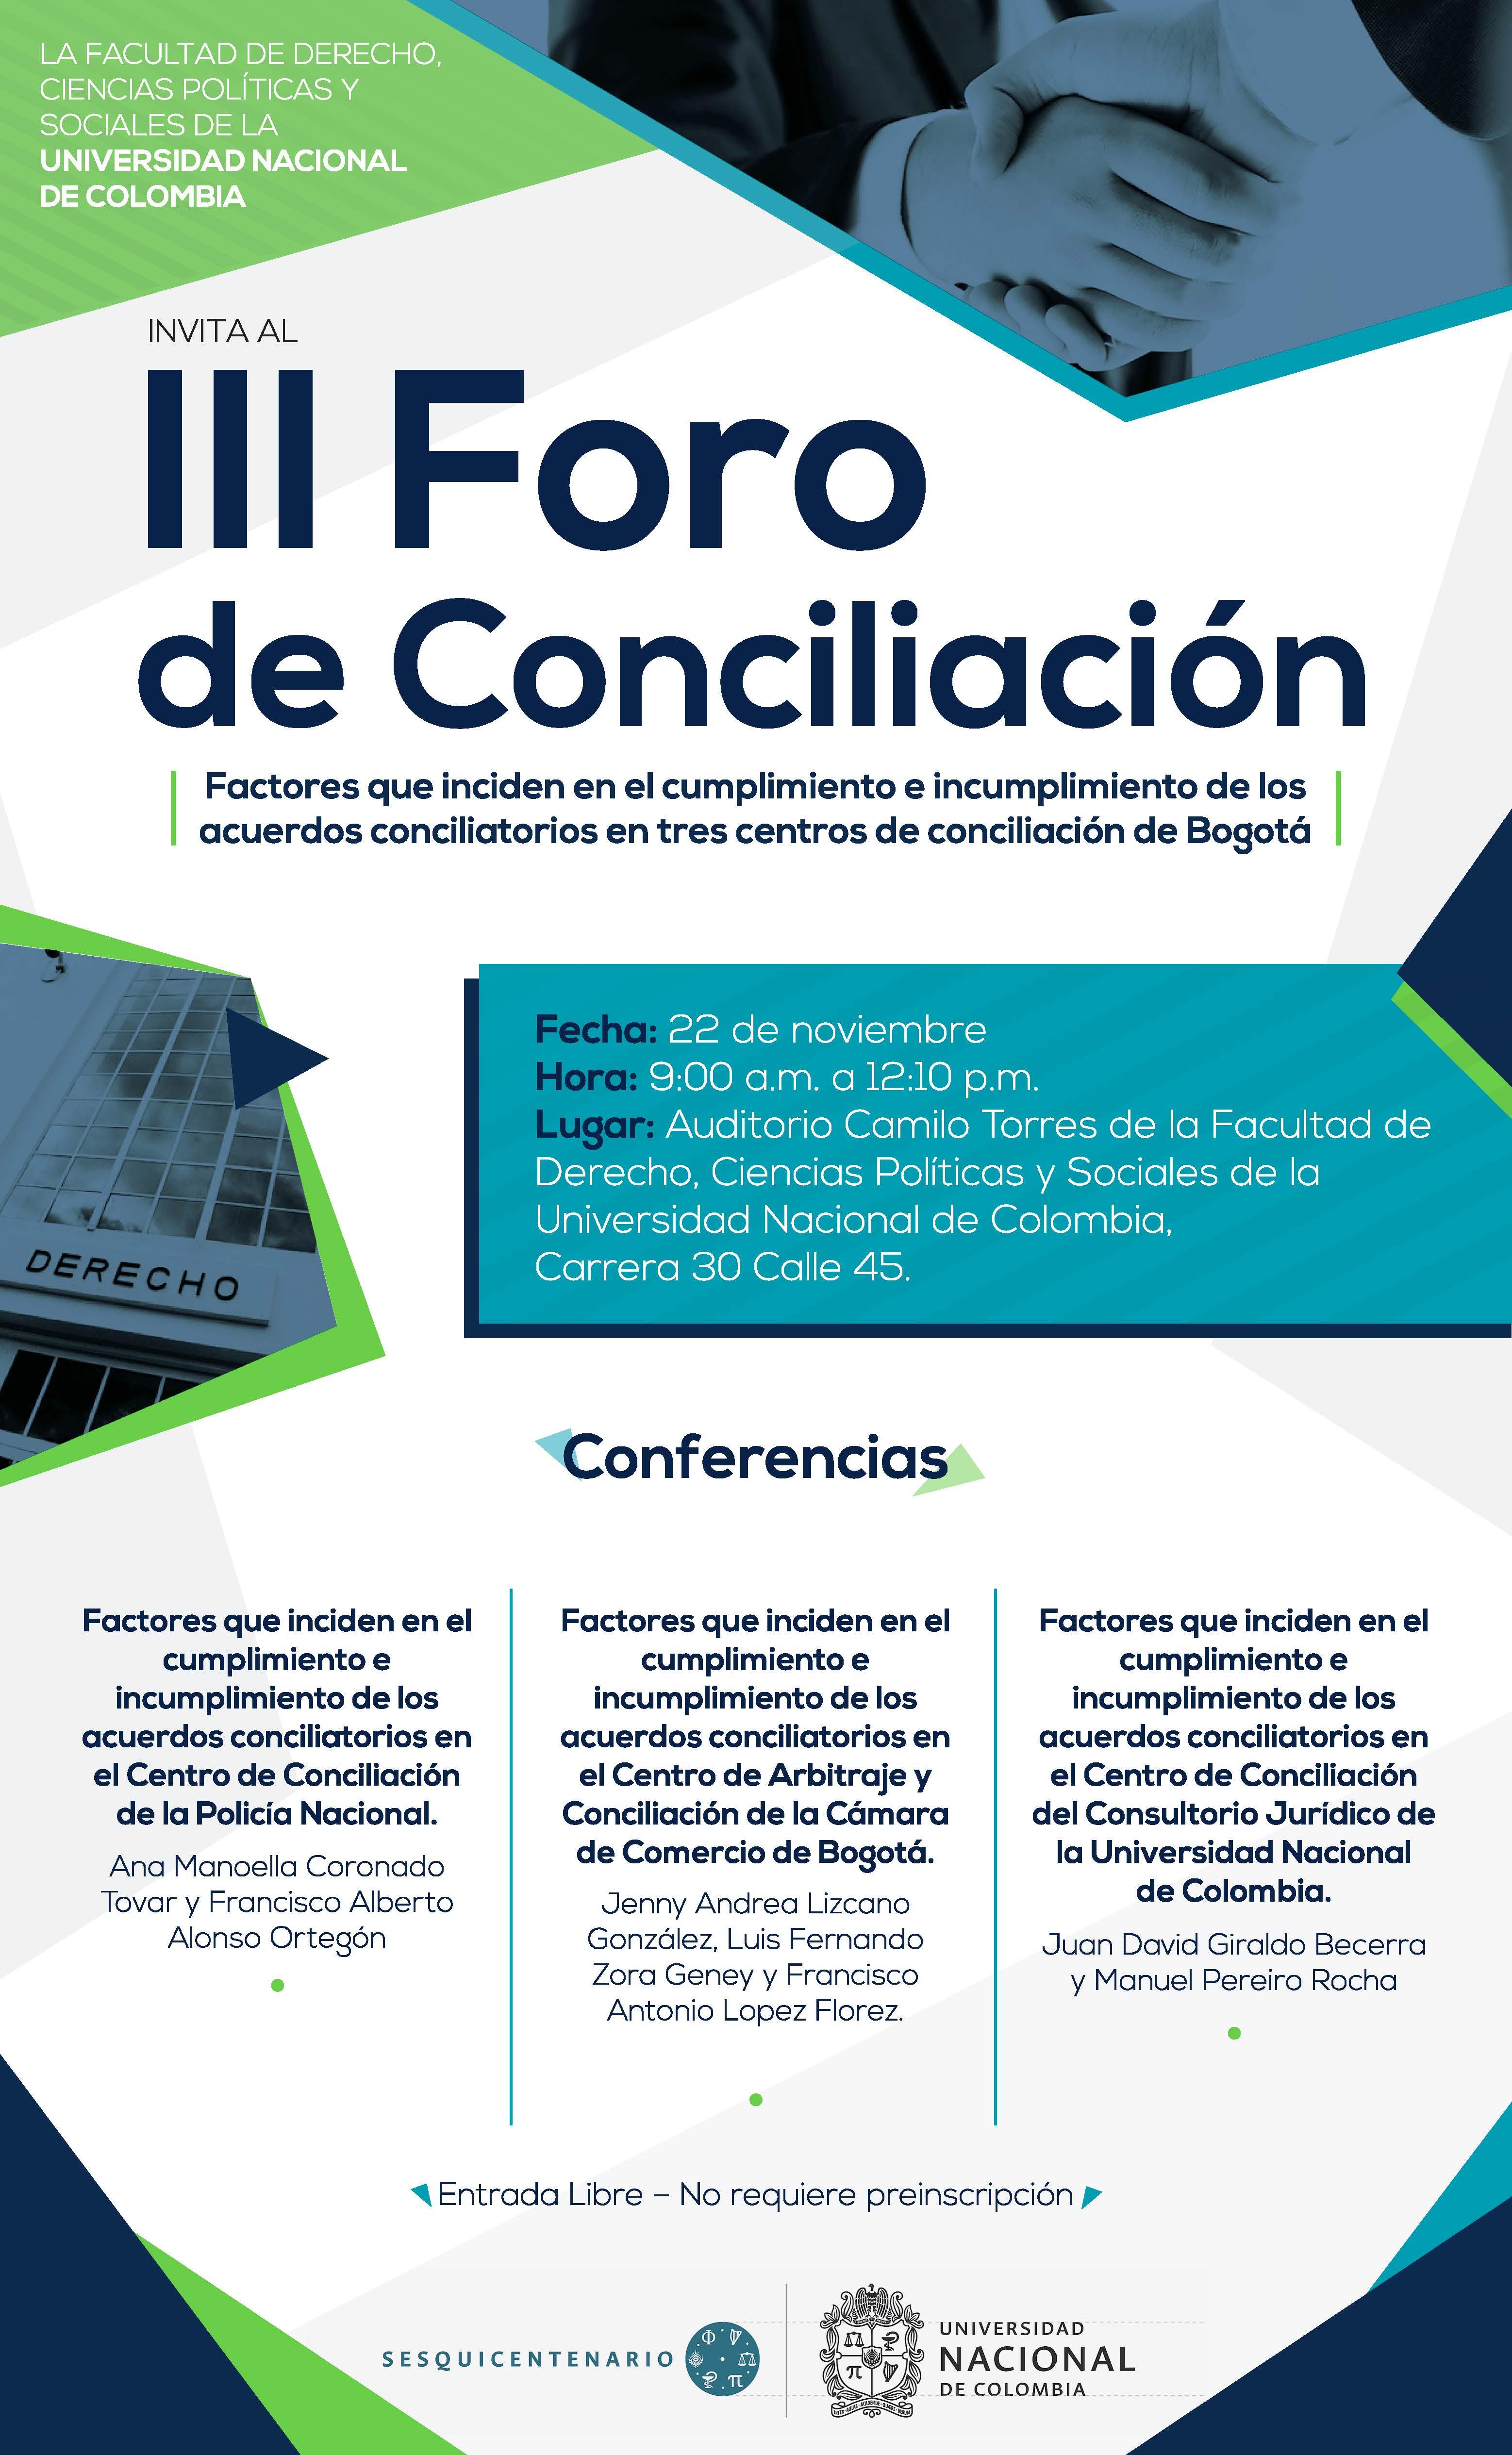 Invitación al III Foro de Conciliación en la Facultad de Derecho, Ciencias Políticas y Sociales de la Universidad Nacional deColombia